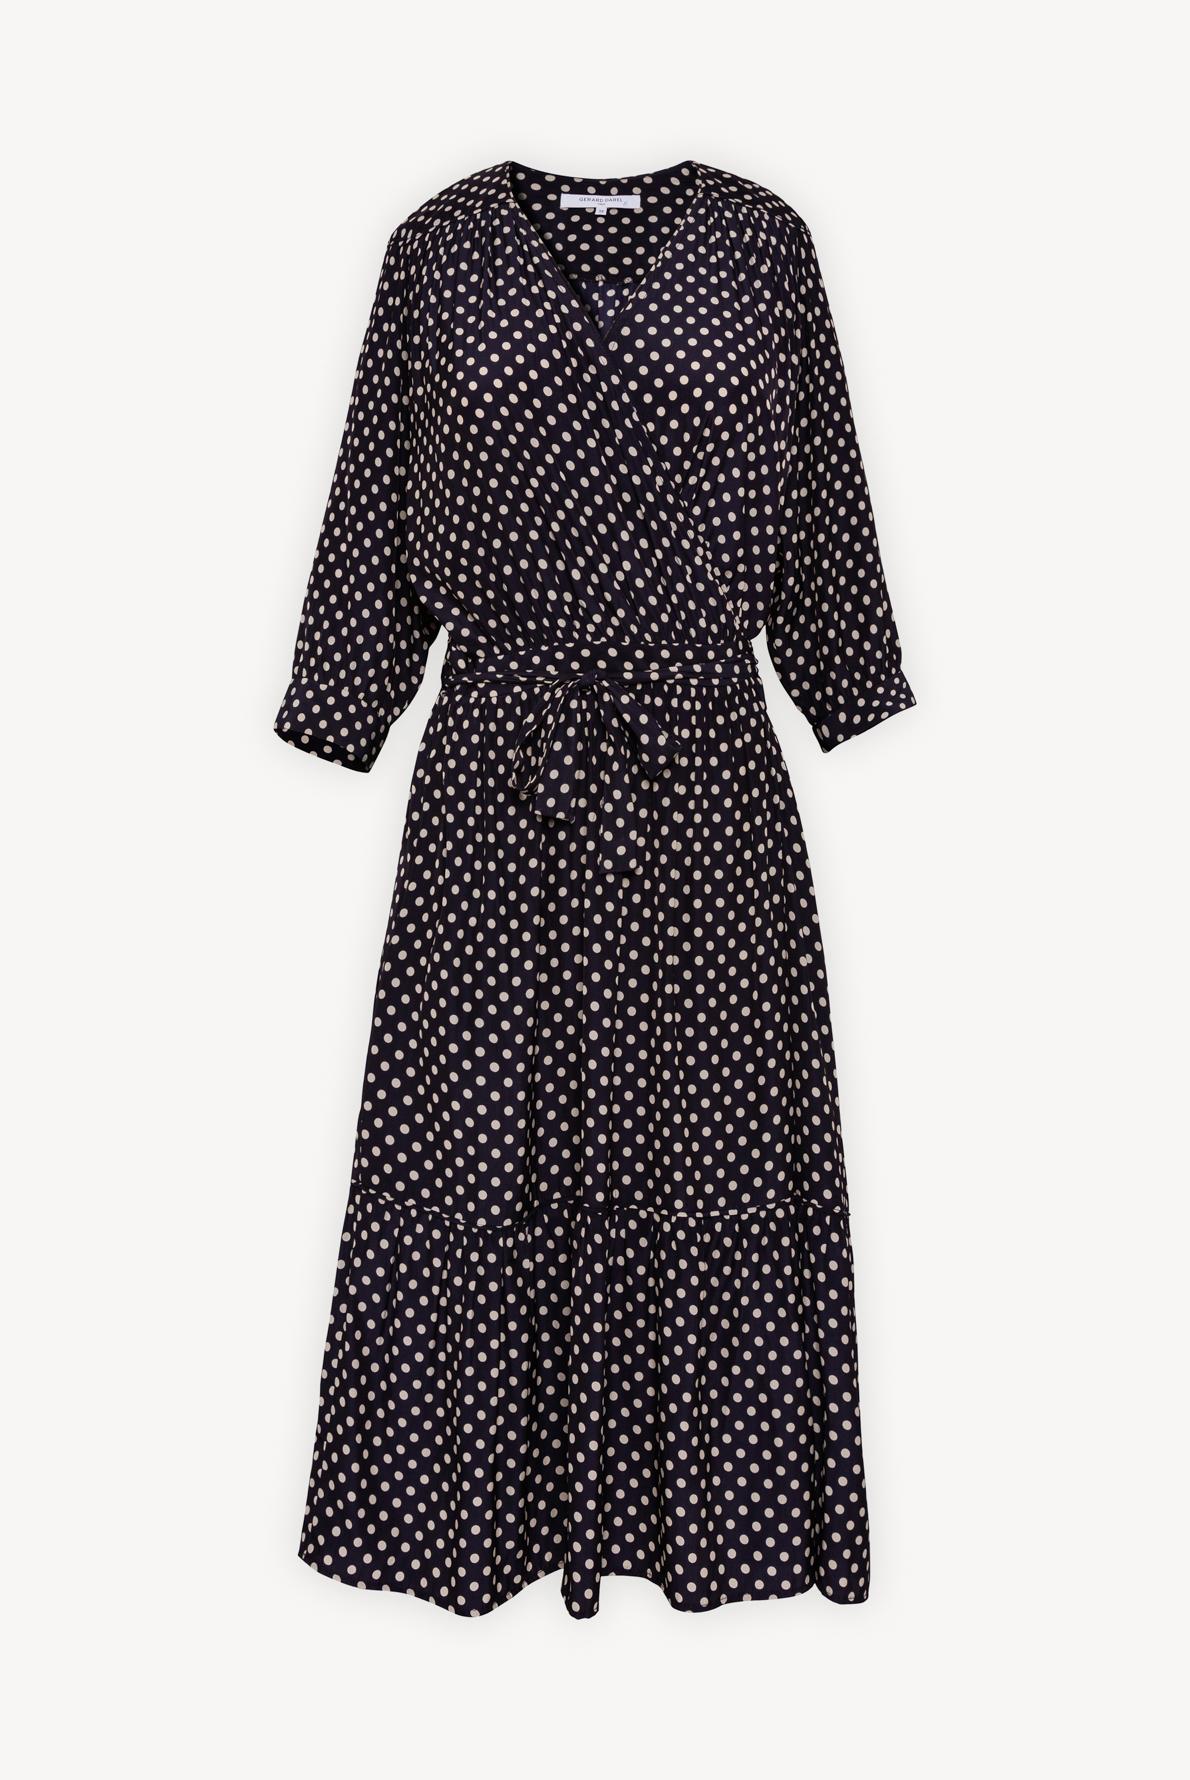 SASHA - Платье с запахом в горошек